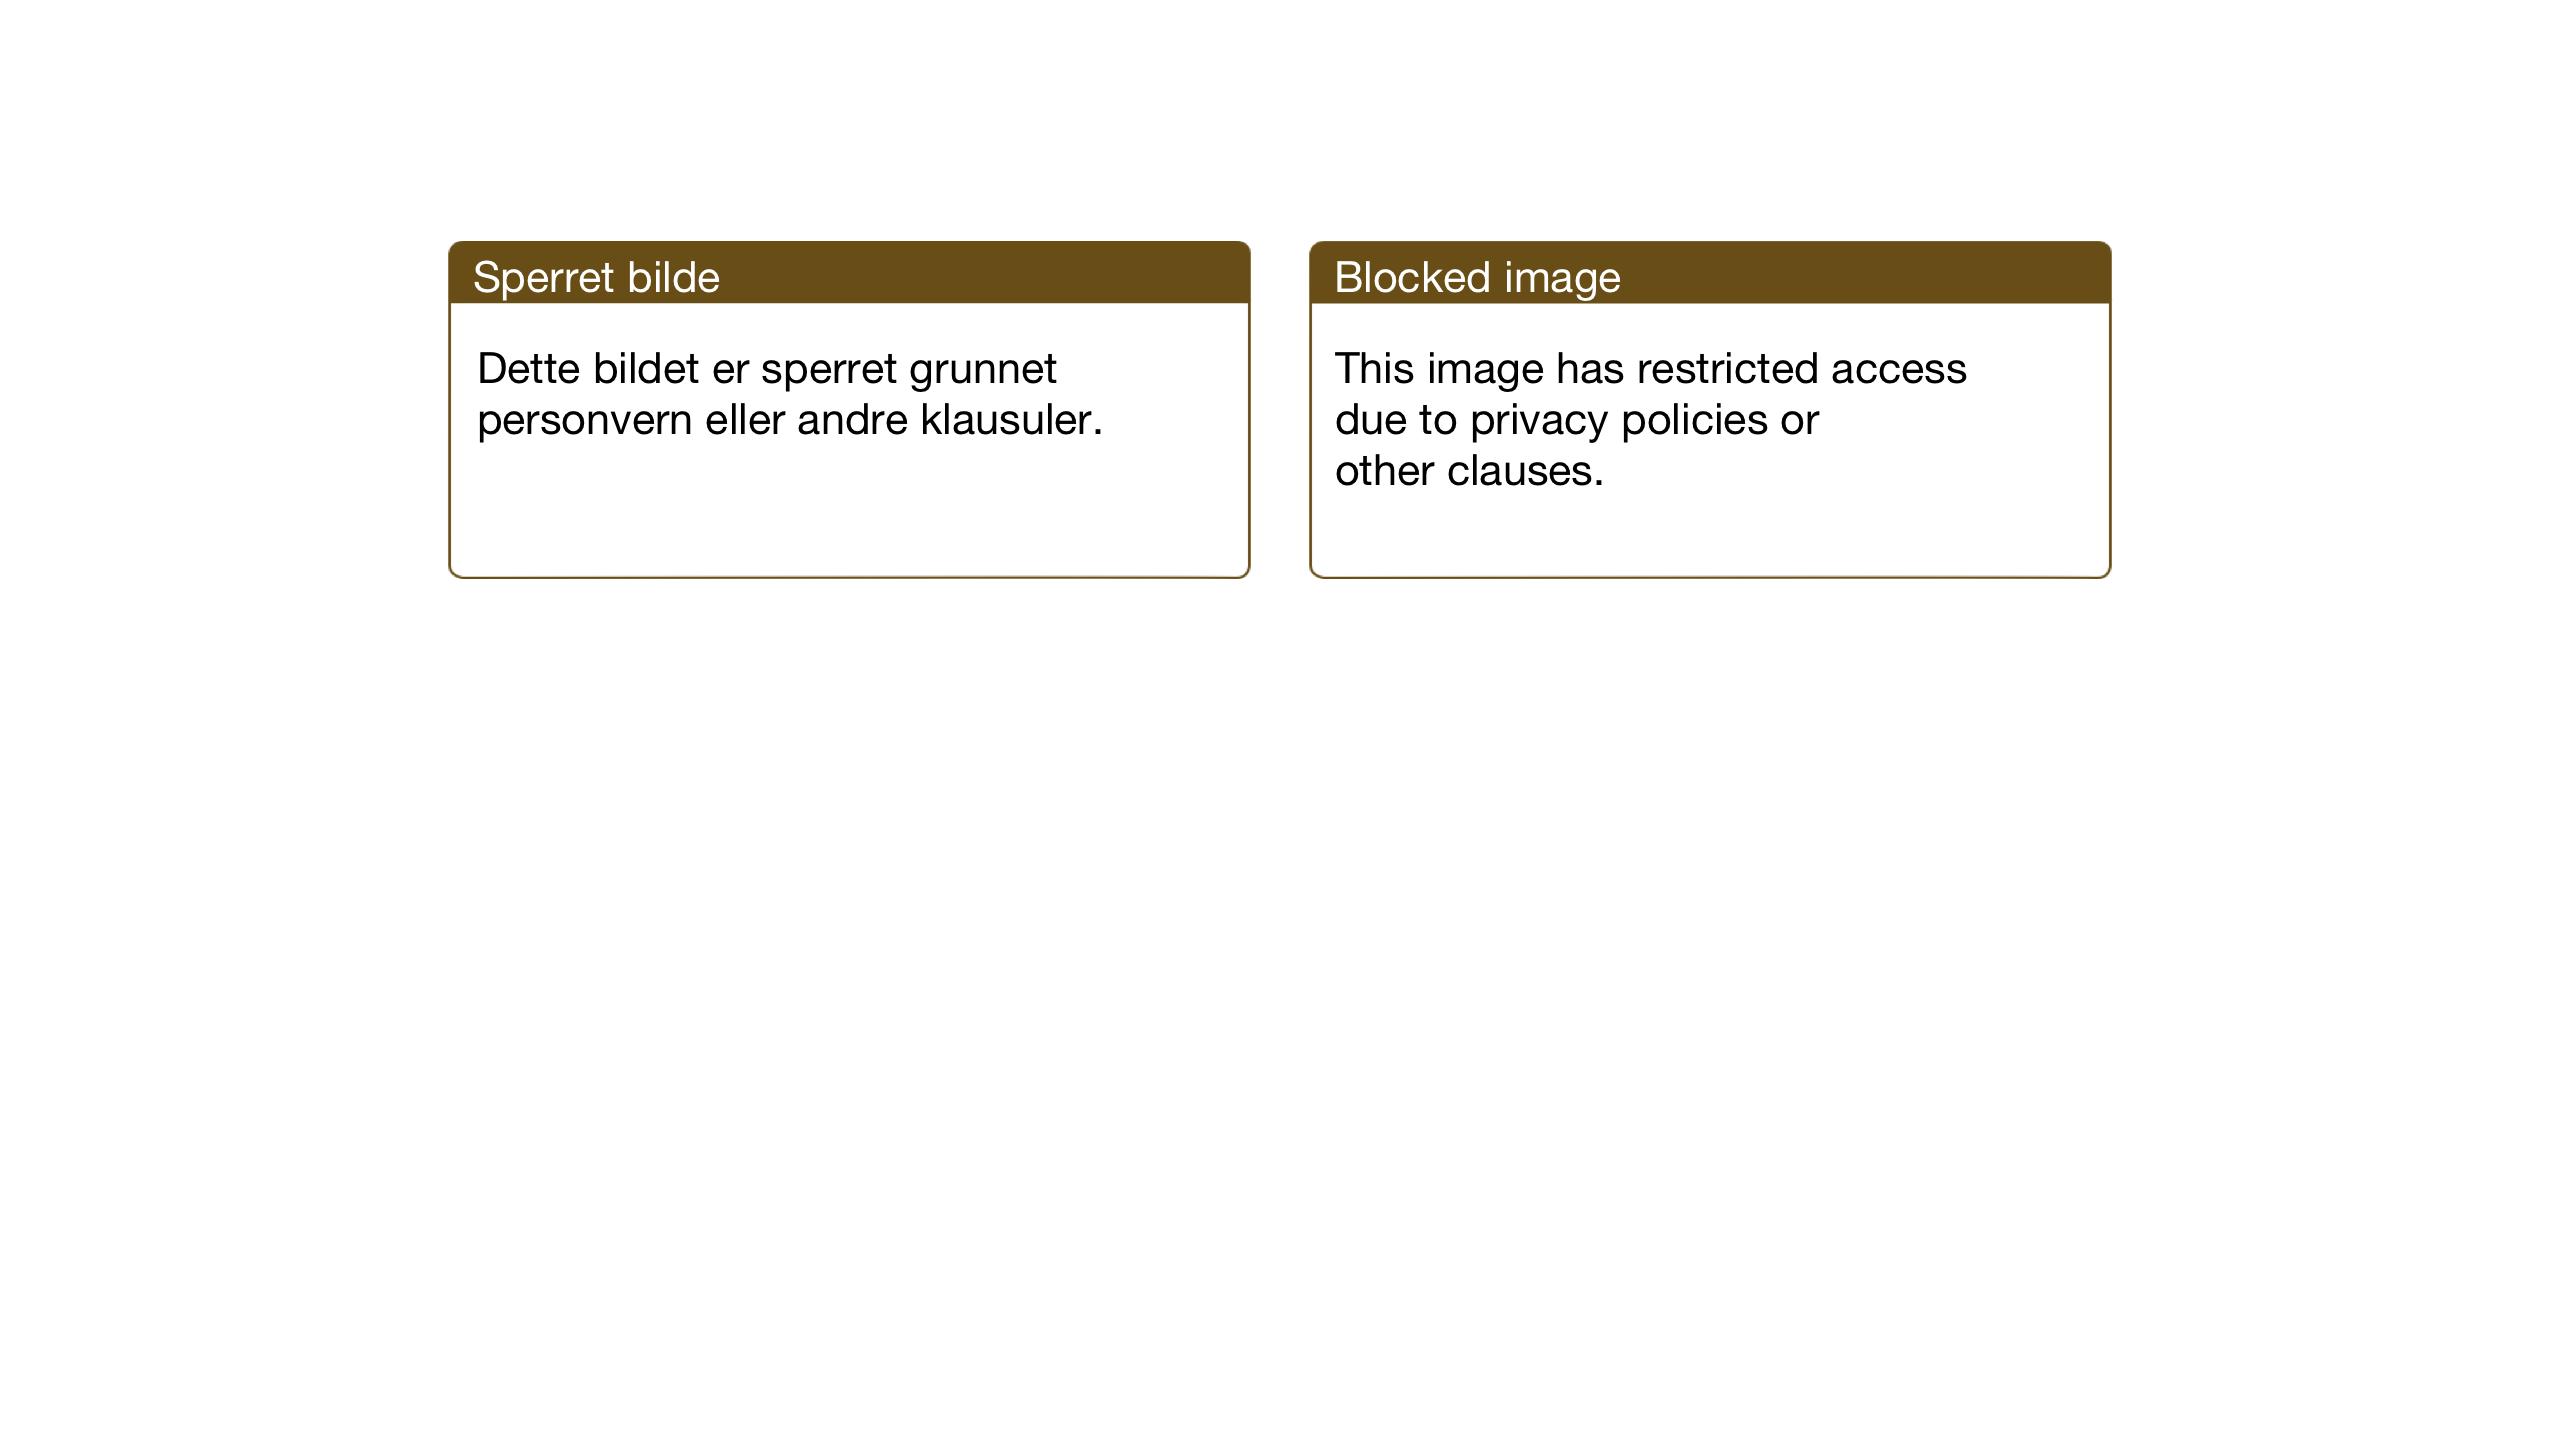 SAT, Ministerialprotokoller, klokkerbøker og fødselsregistre - Sør-Trøndelag, 638/L0569: Klokkerbok nr. 638C01, 1923-1961, s. 72